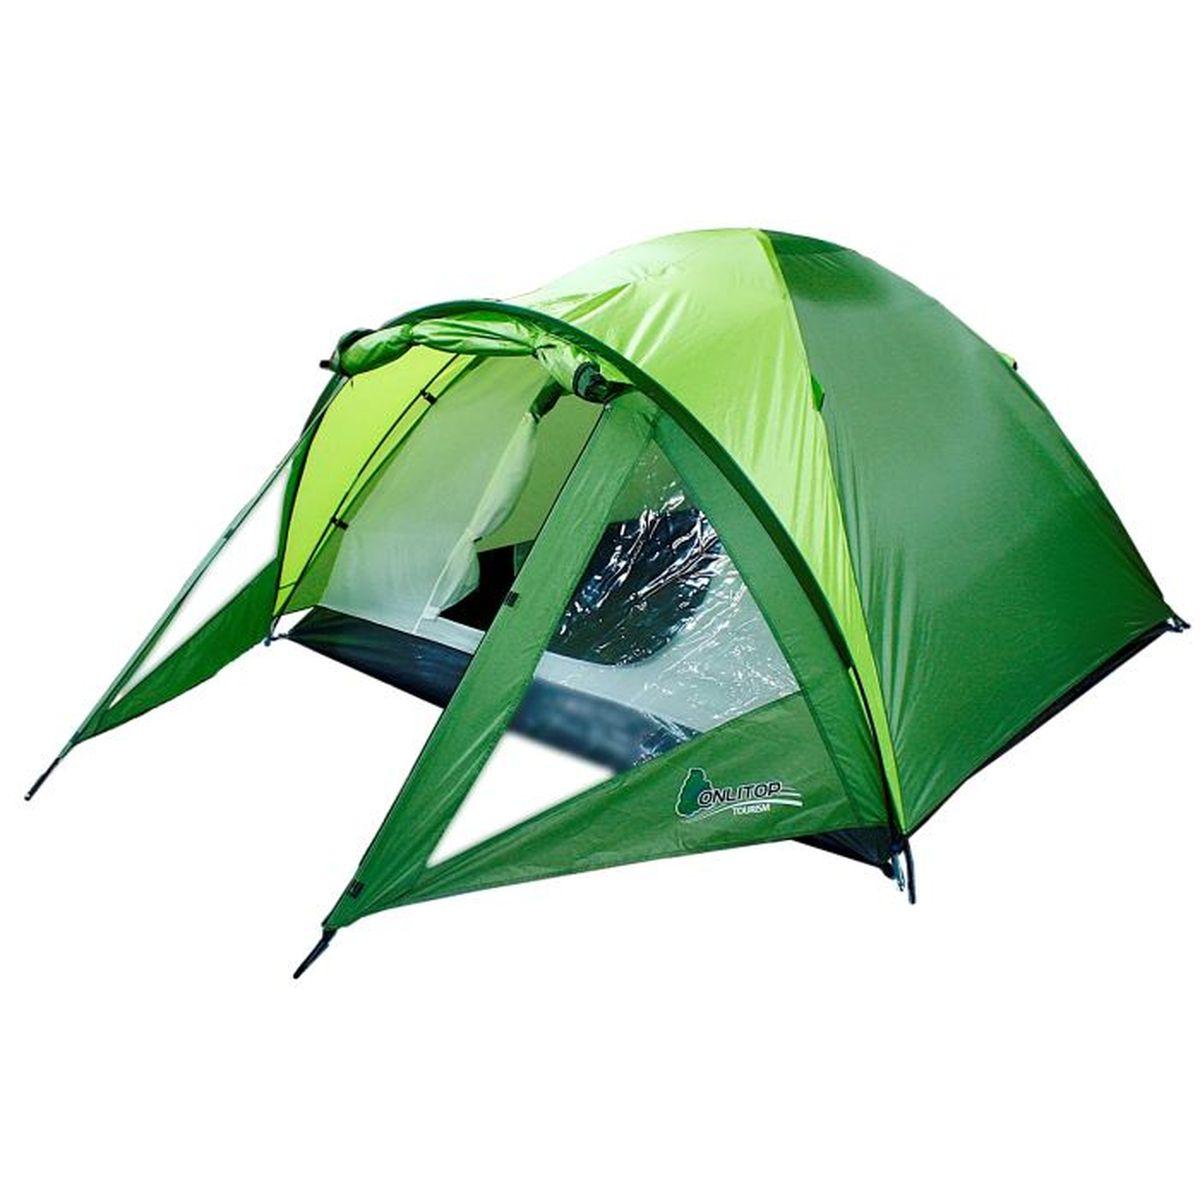 Палатка туристическая Onlitop TREKKER 3, цвет: зеленыйa026124Если вы заядлый турист или просто любитель природы, вы хоть раз задумывались о ночёвке на свежем воздухе. Чтобы провести её с комфортом, вам понадобится отличная палатка, Она обеспечит безопасный досуг и защитит от непогоды и насекомых. Ткань рипстоп гарантирует длительную эксплуатацию палатки за счёт высокой прочности материала.